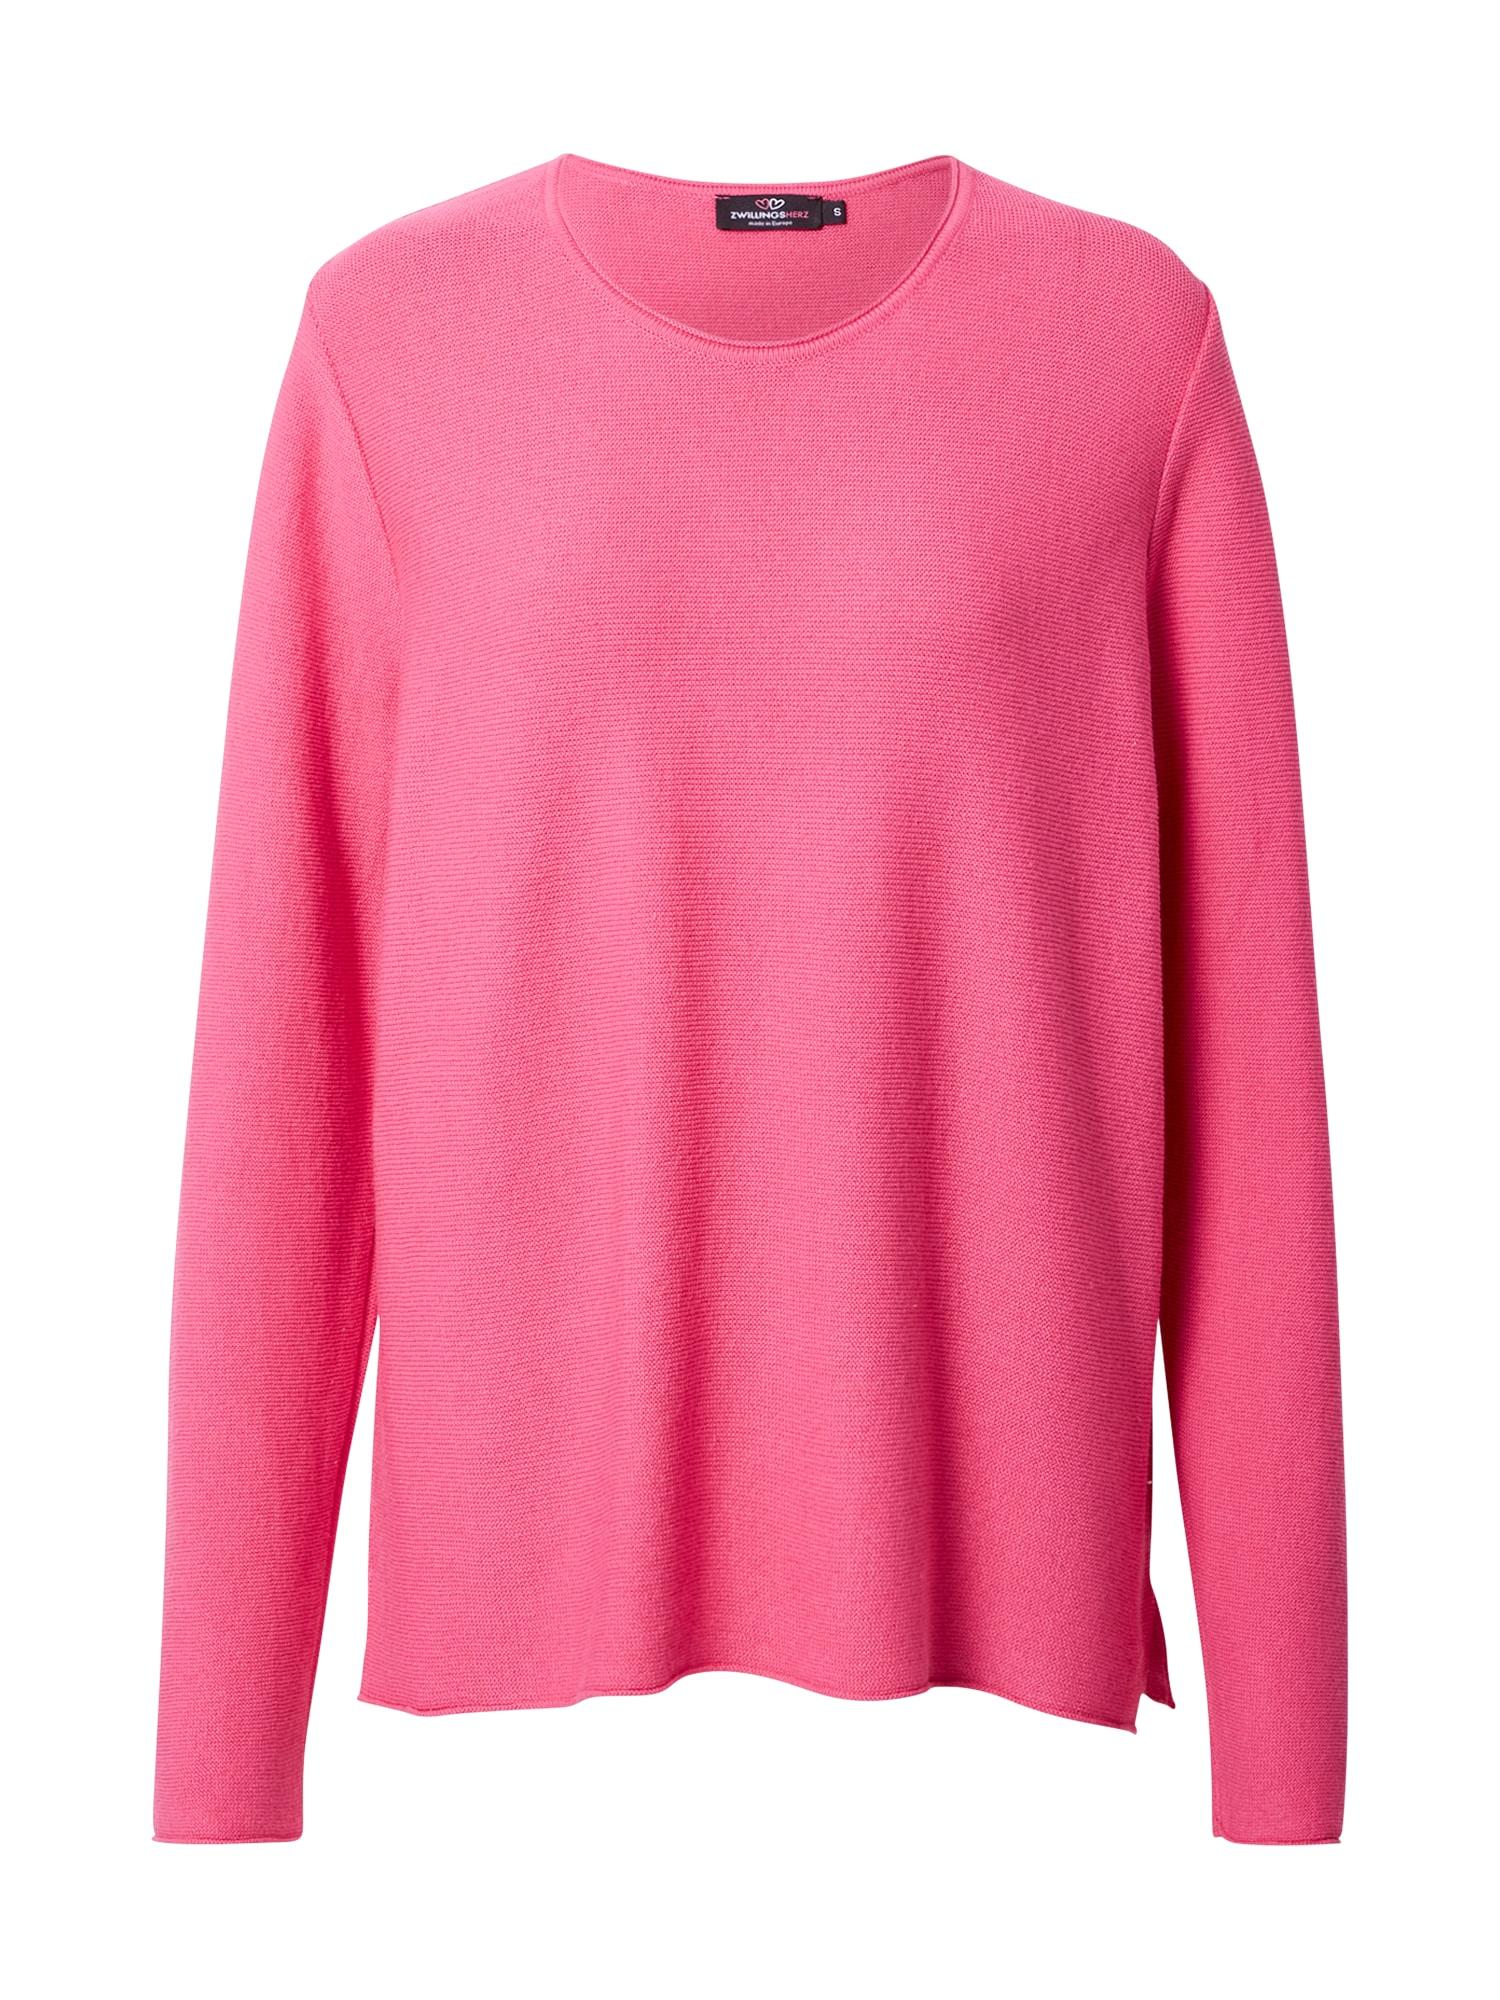 Zwillingsherz Megztinis rožinė